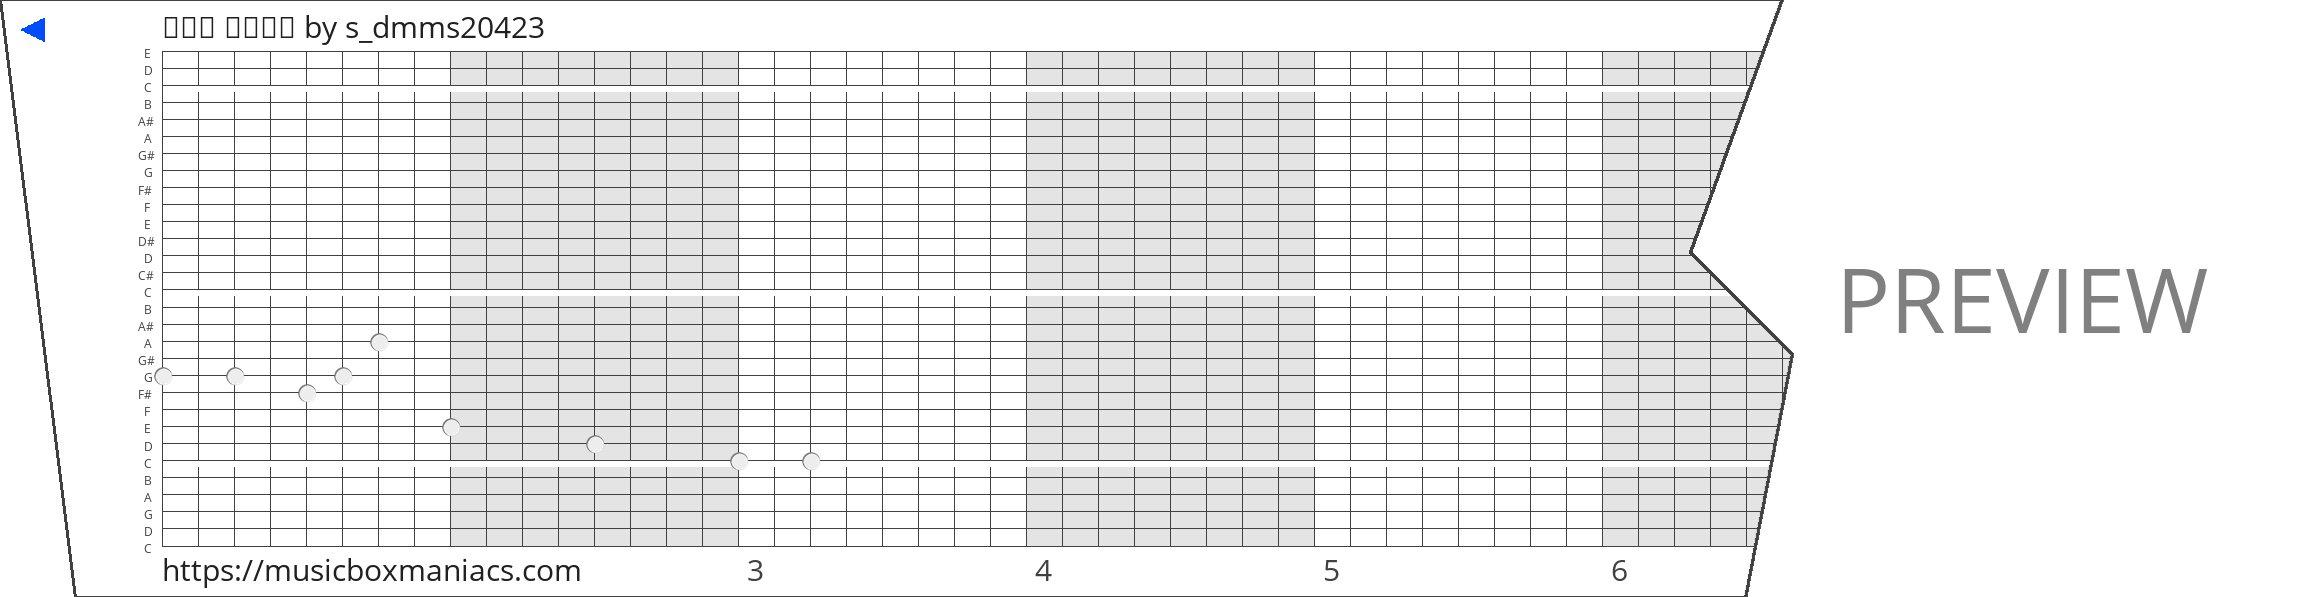 희망과 영광의땅 30 note music box paper strip